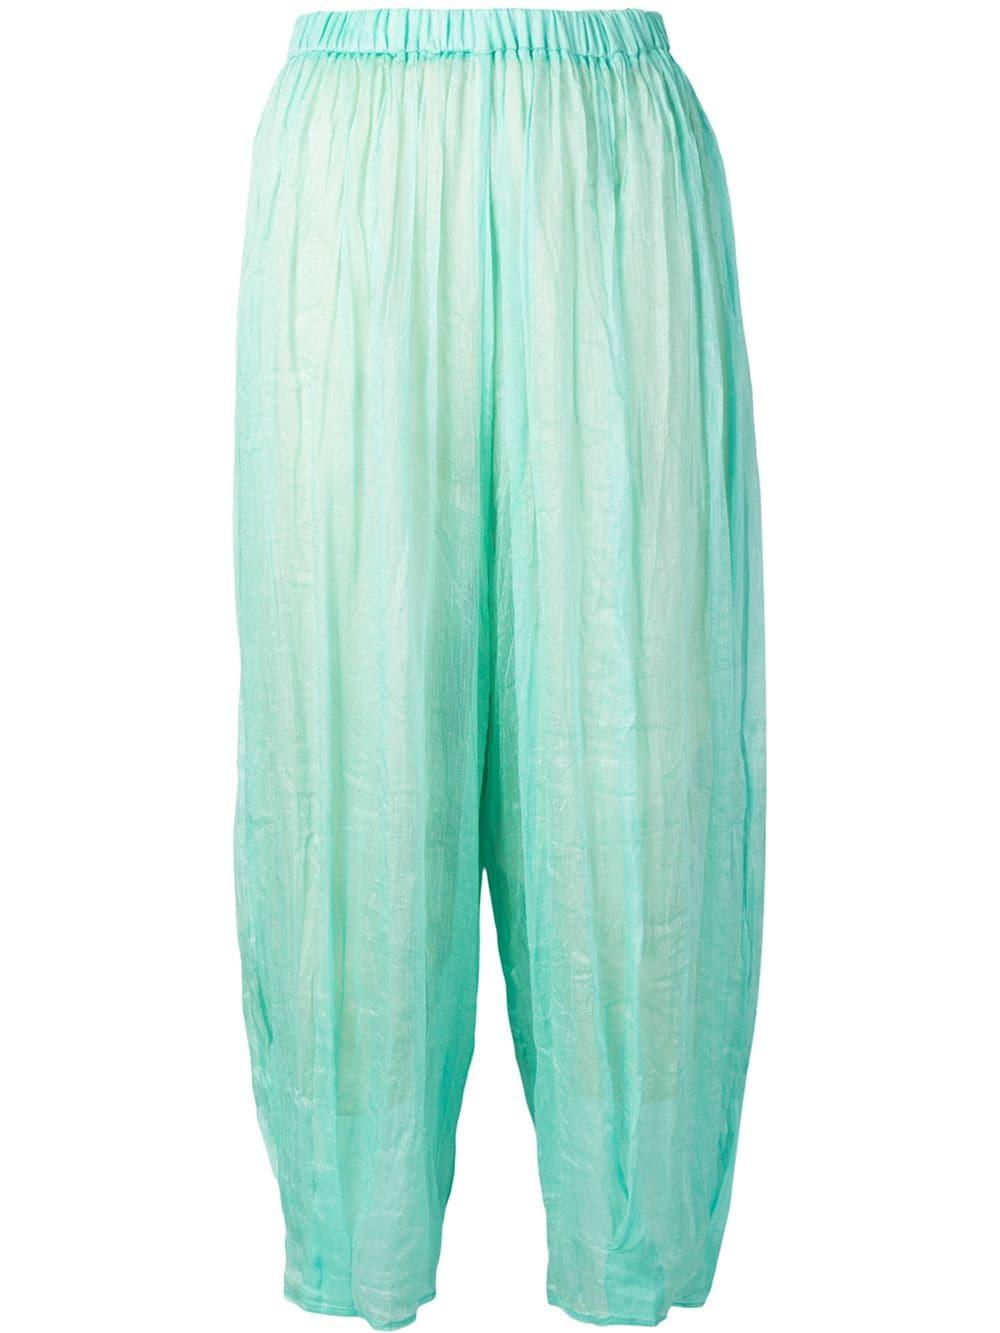 Pantaloni con vita elasticizzata in misto lino e seta blu acqua FORTE_FORTE | Pantaloni | 6286ACQUA